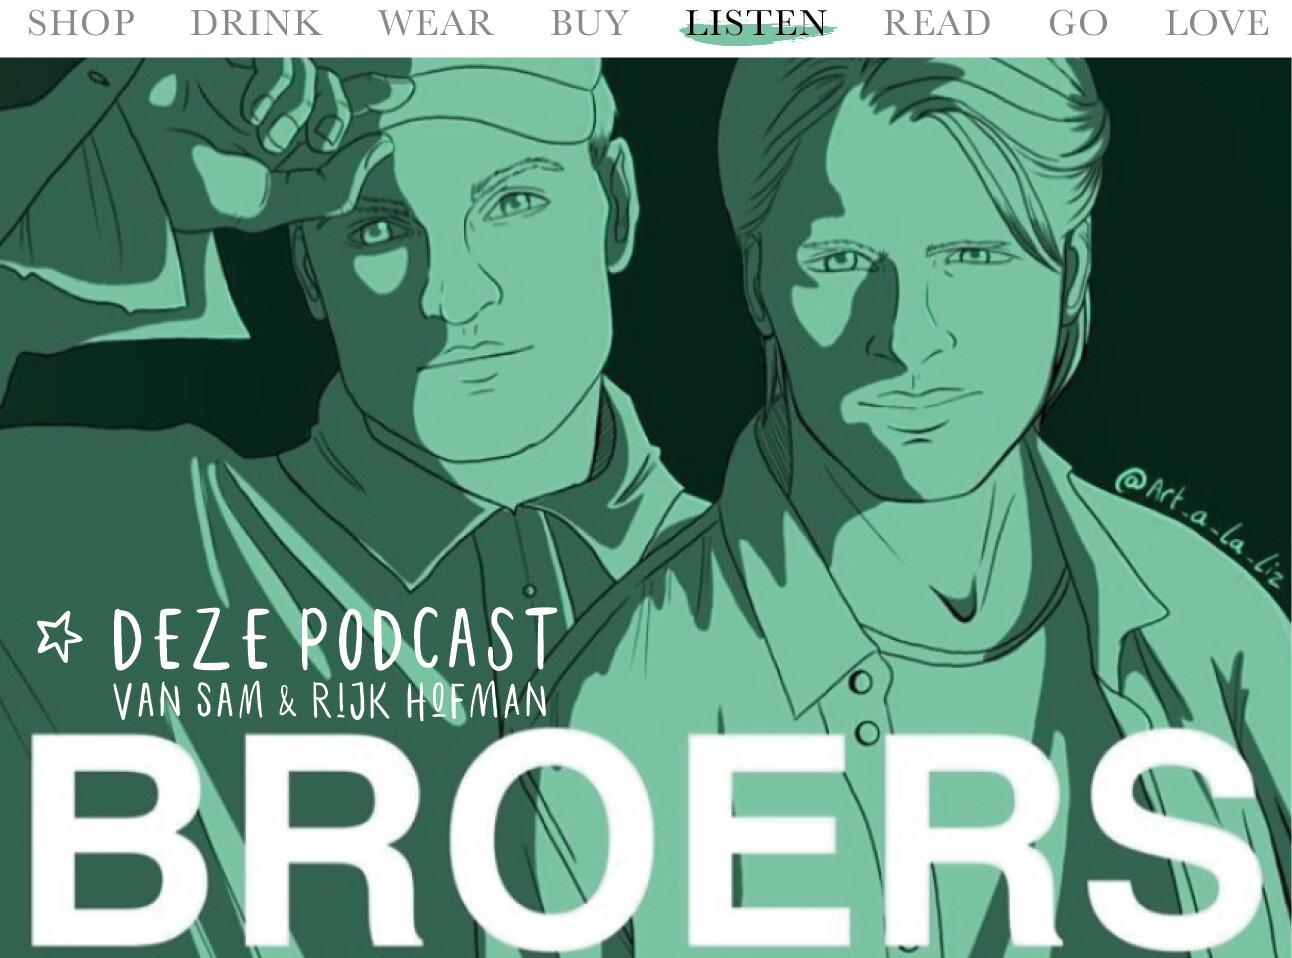 Podcast BROERS van rijk en sam hofman